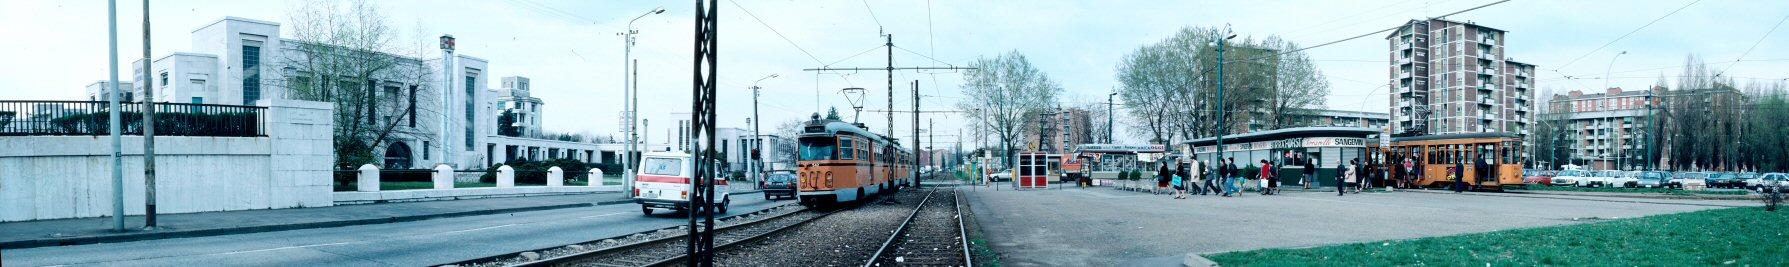 Niguarda 1988, Piazza dell'Ospedale Maggiore, tranvia Milano-Desio. (fonte immagine. web hrohrer.ch)